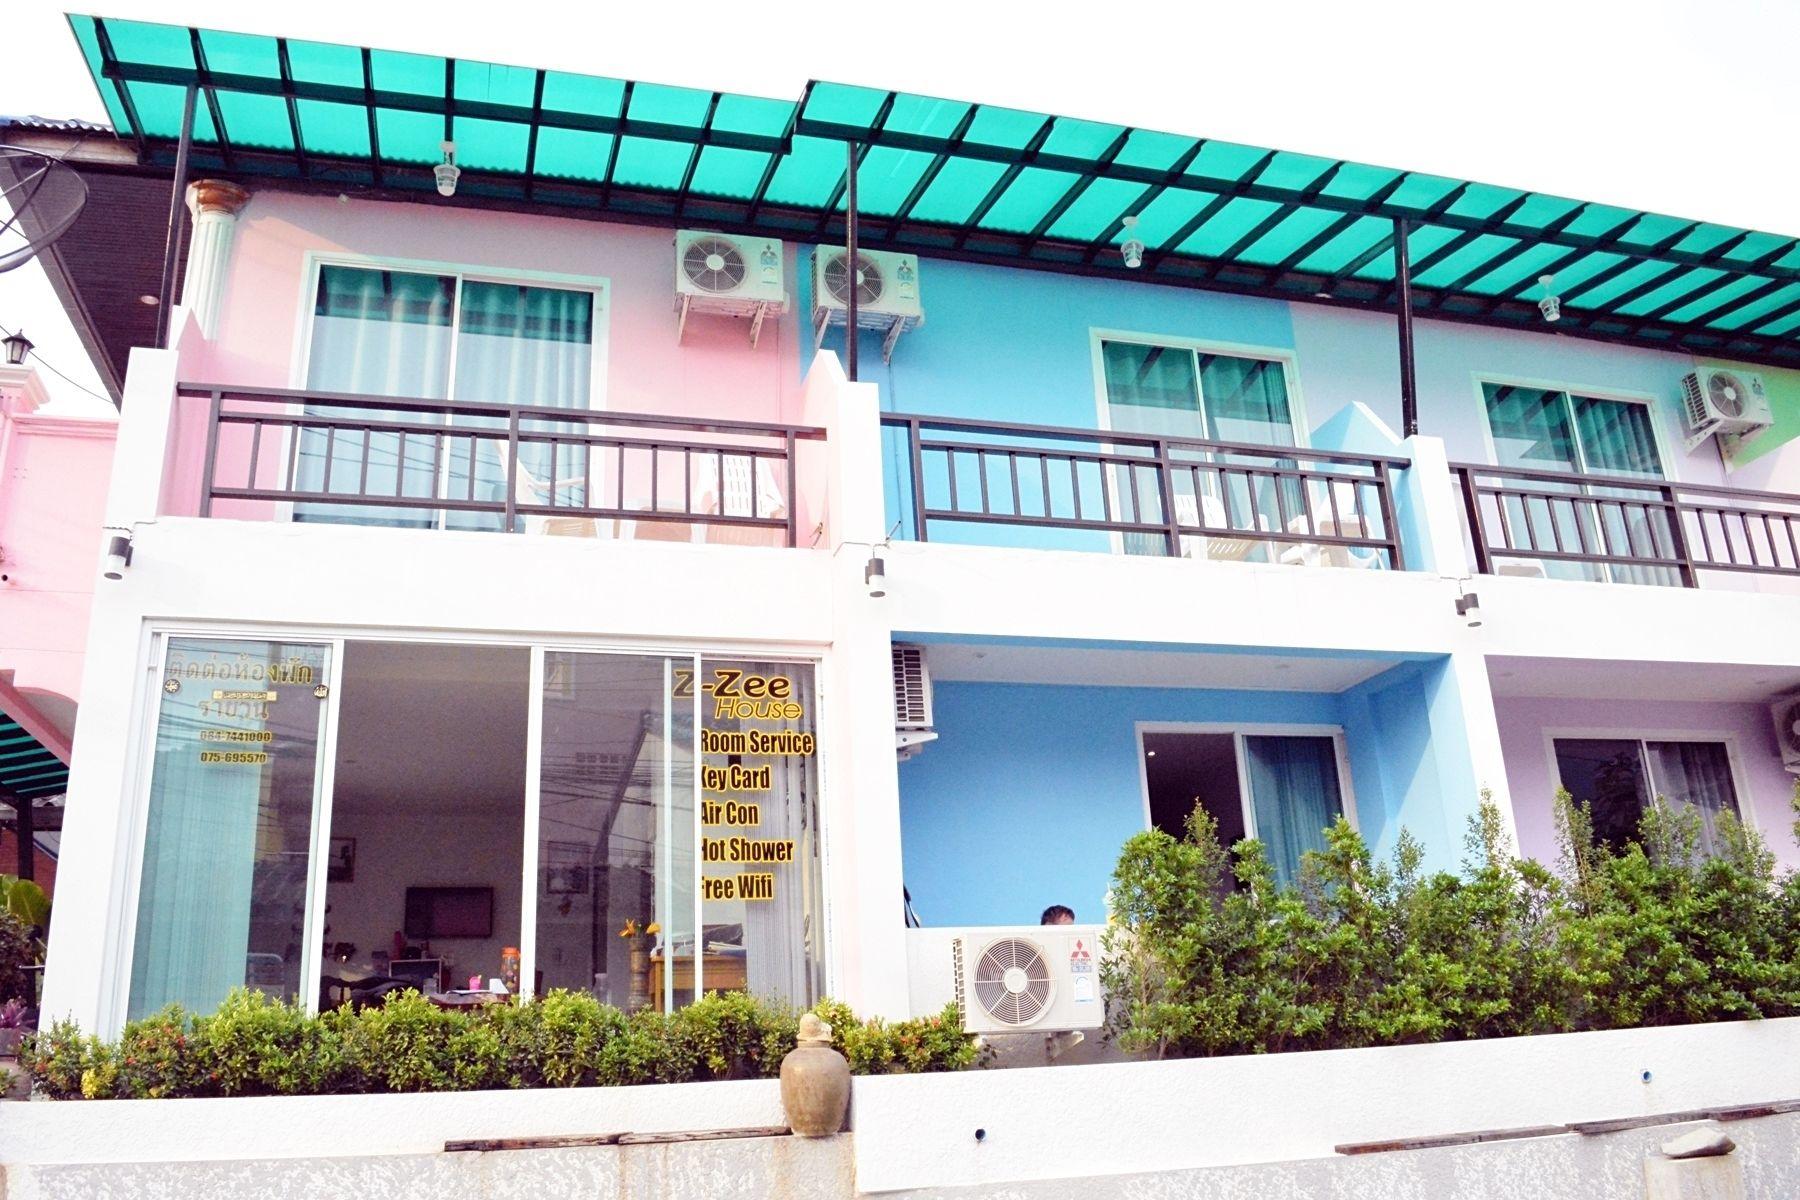 Z - Zee House